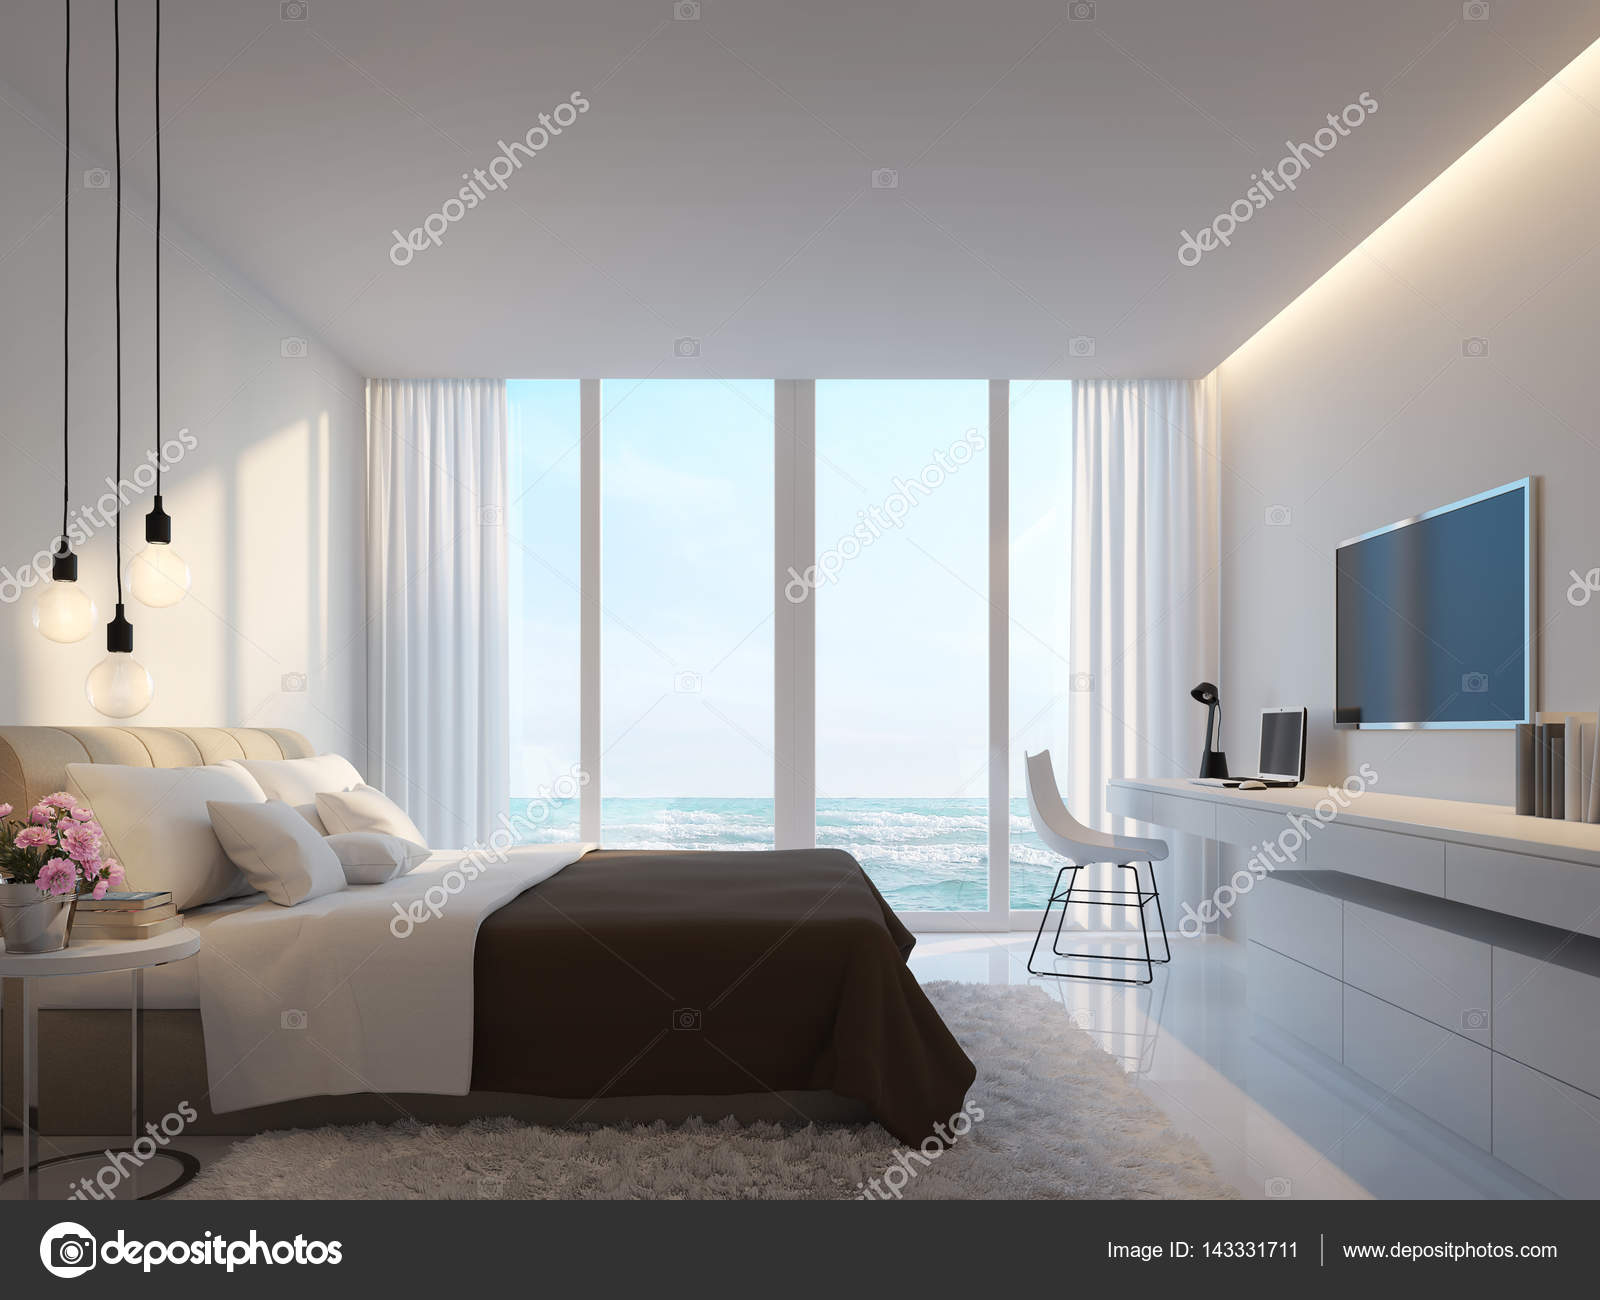 Moderna camera da letto bianca con mare Vedi immagine di rendering ...